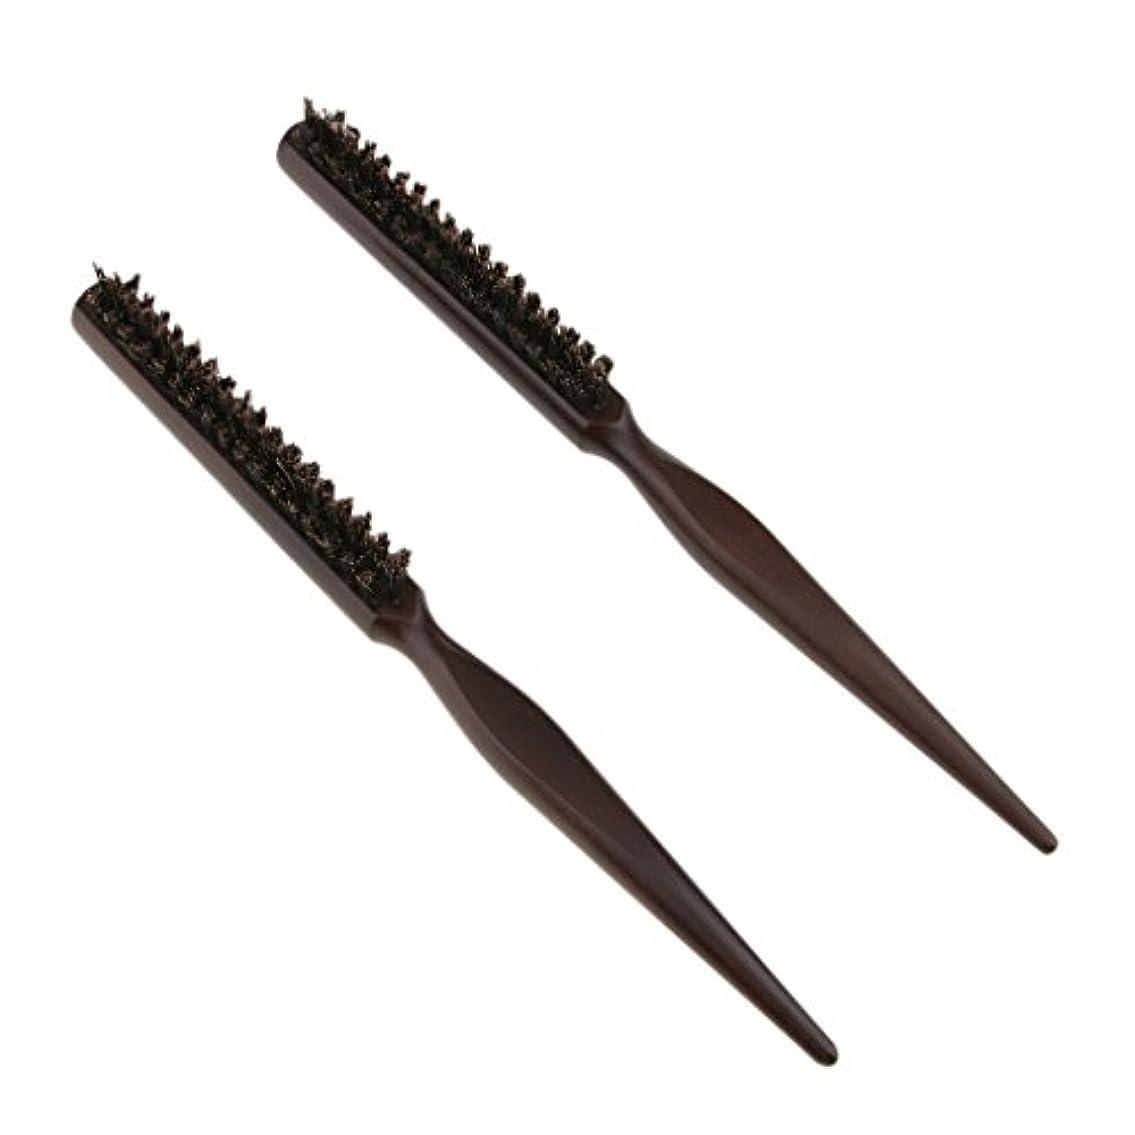 風景シャイニング告白する2本3行木材自然の剛毛のおしゃぶりブラシの後ろのブラシのブラシ24センチメートル